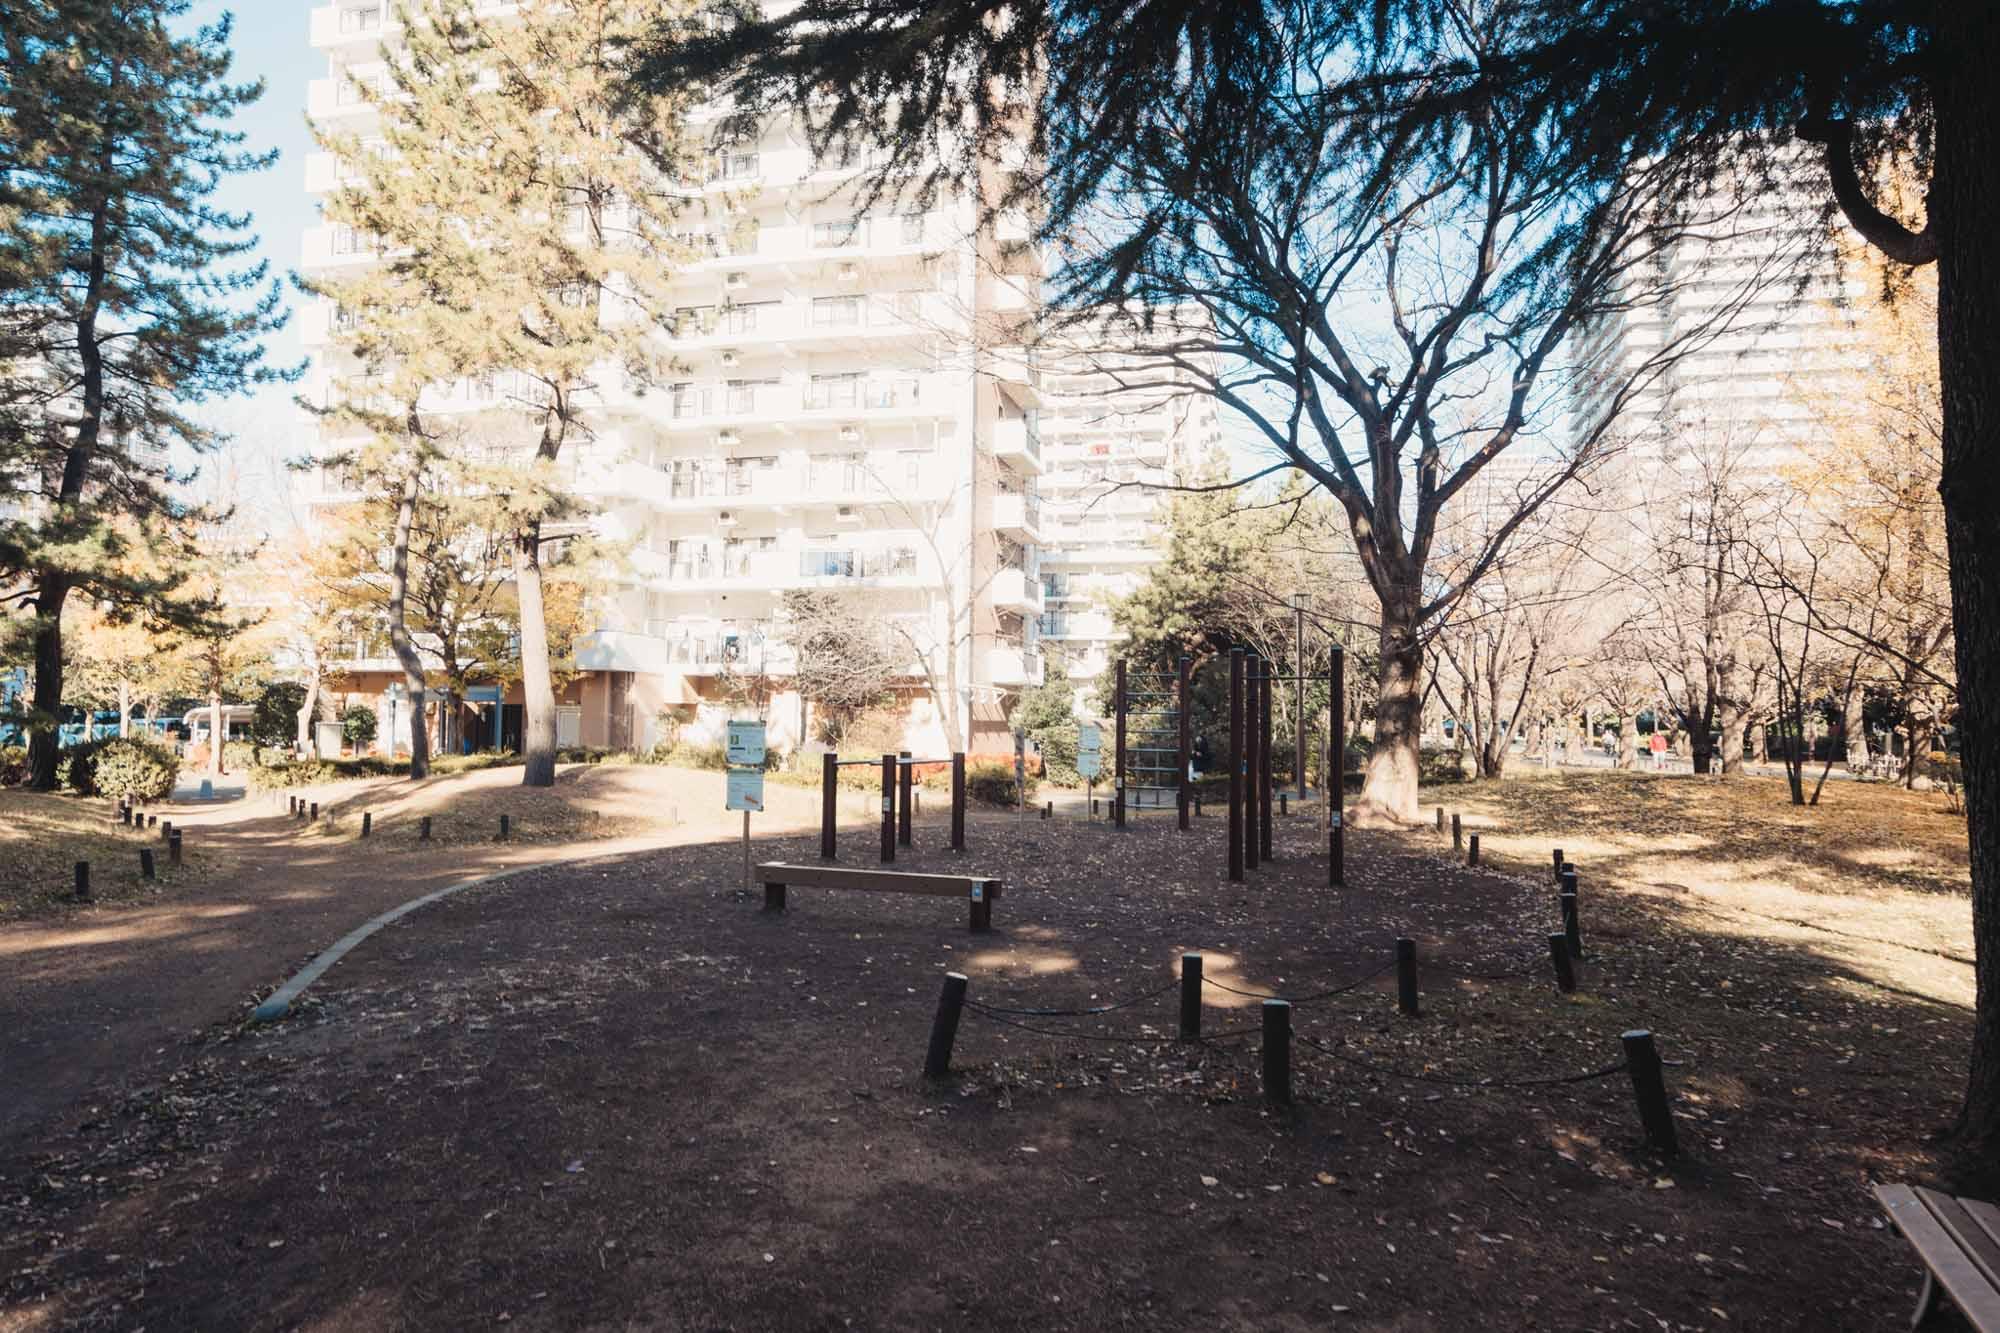 ちょっとした遊具のある公園はもちろん、保育園や幼稚園、小中学校、医療施設まで全てが徒歩圏内にあるので、安心して暮らせます。